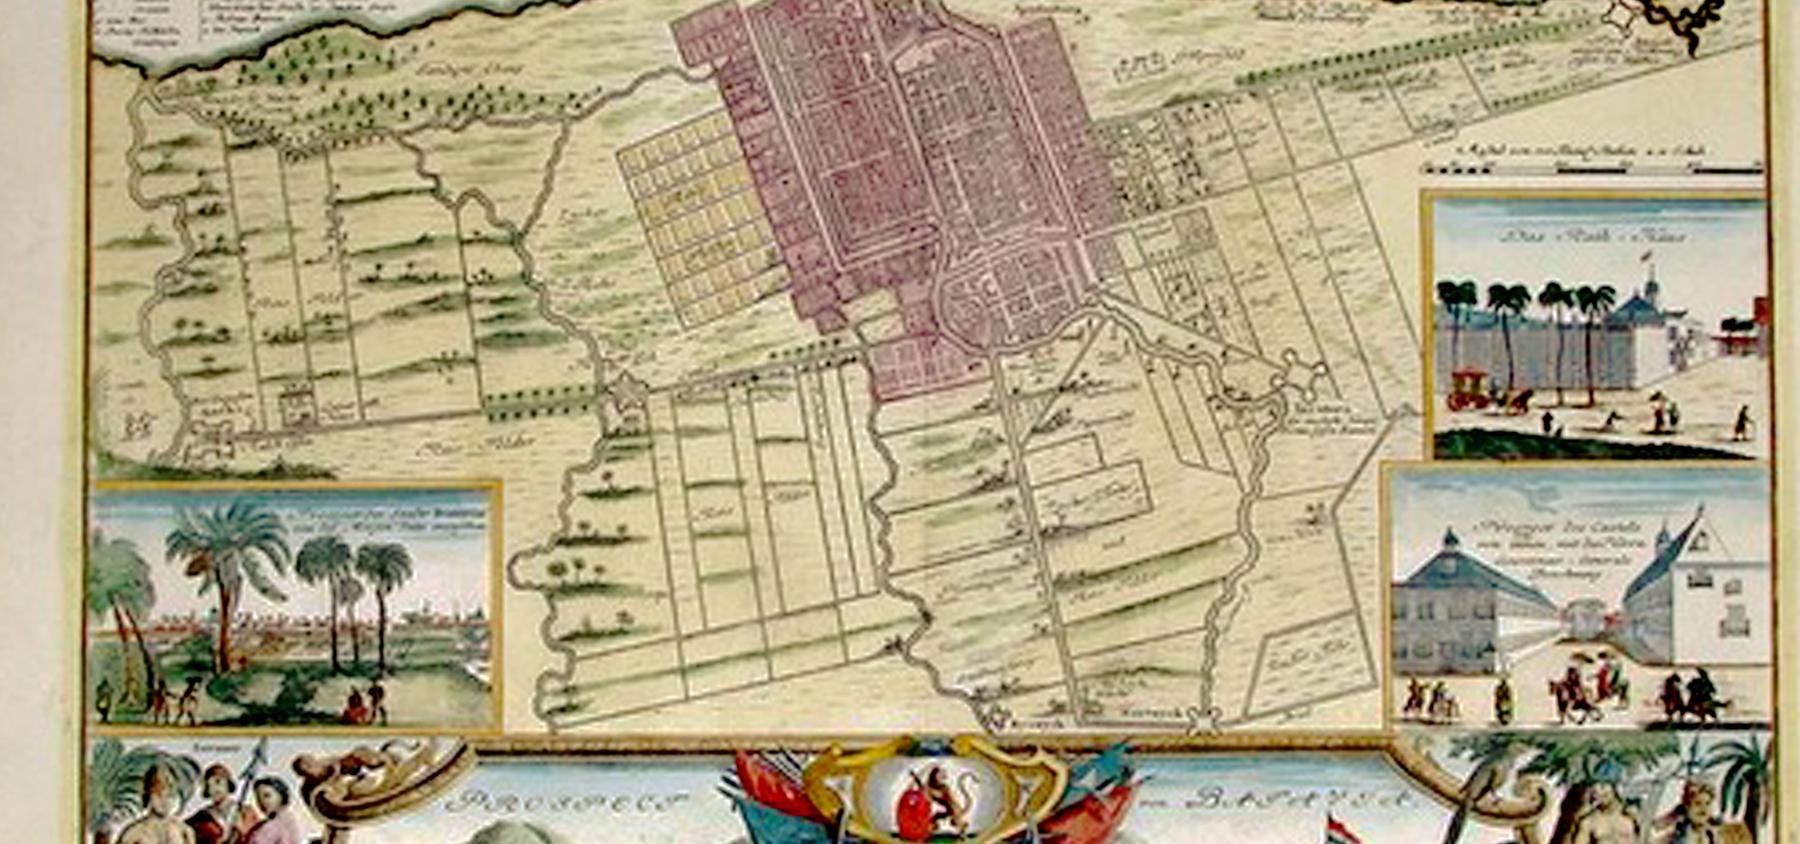 Kronan Swedish Punsch Batavia